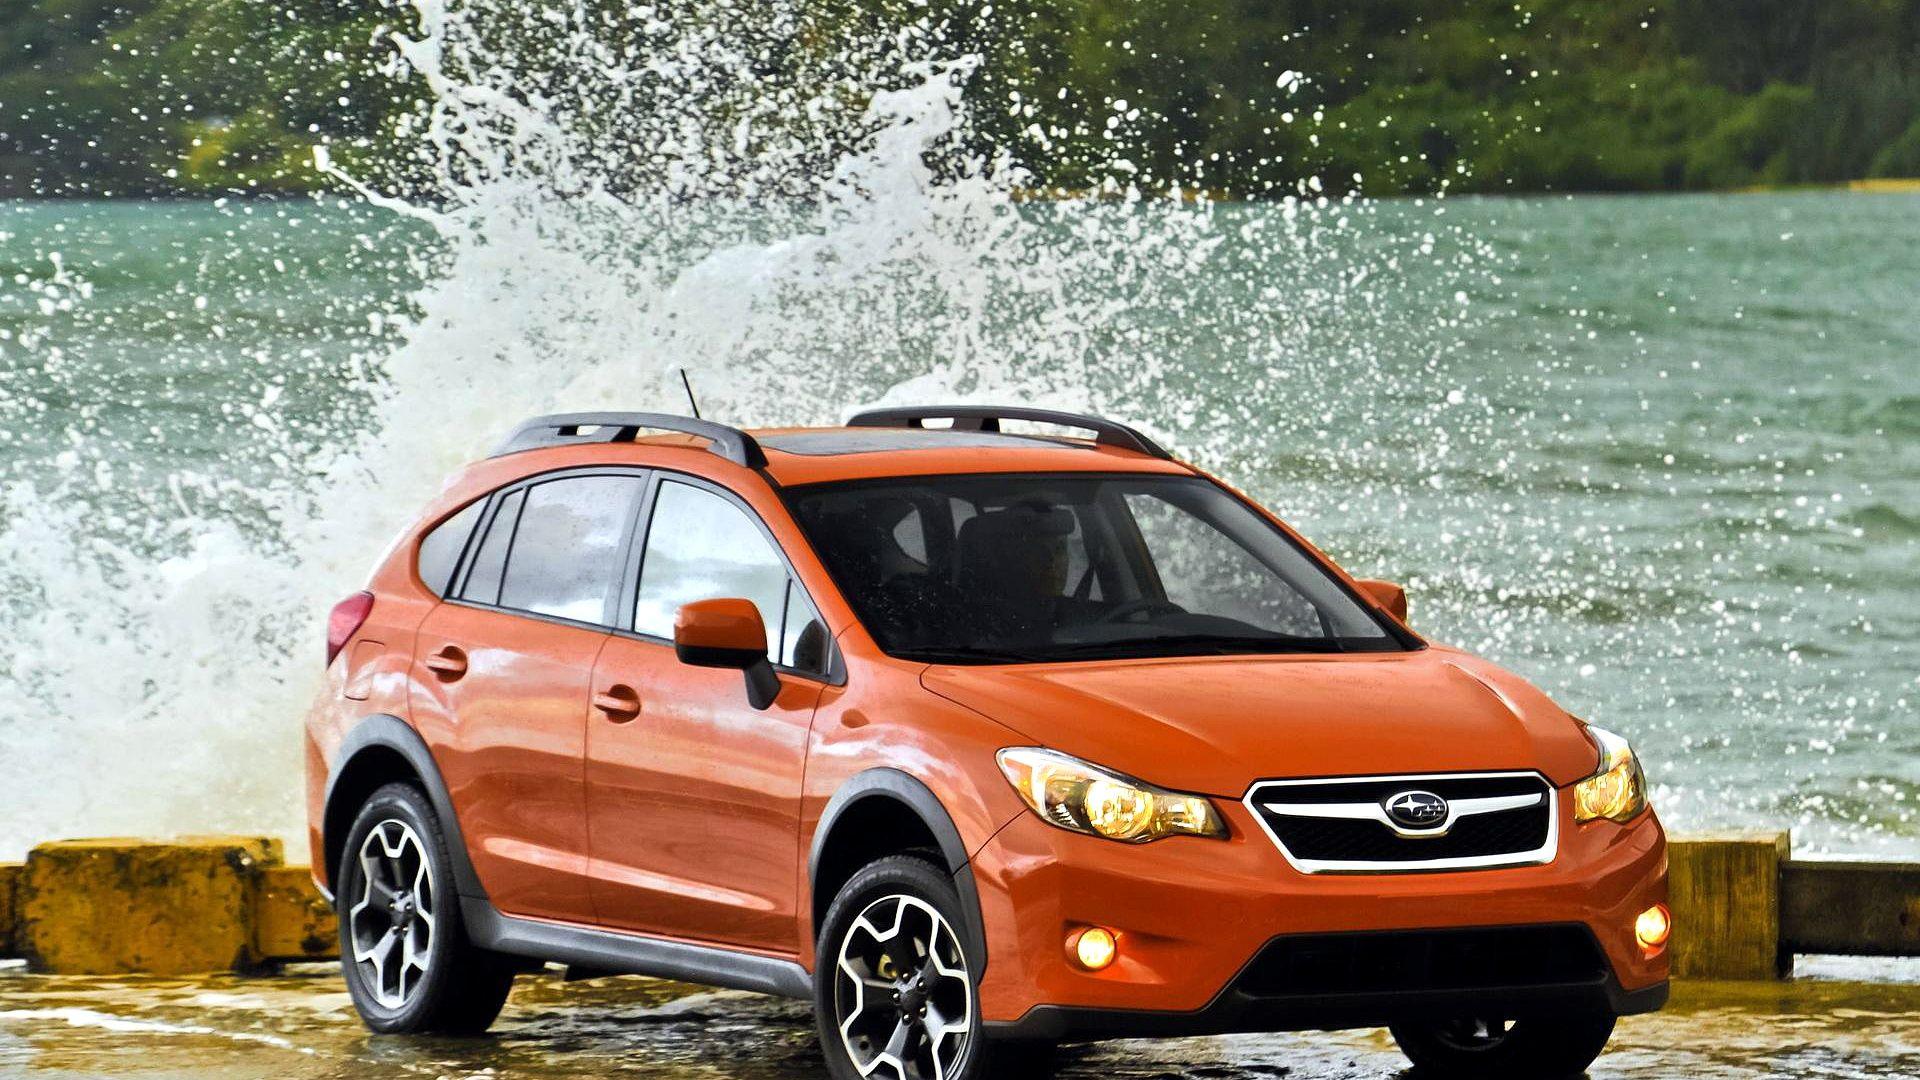 Subaru XV Crosstrek in orange subaruxv www.yourscars.eu